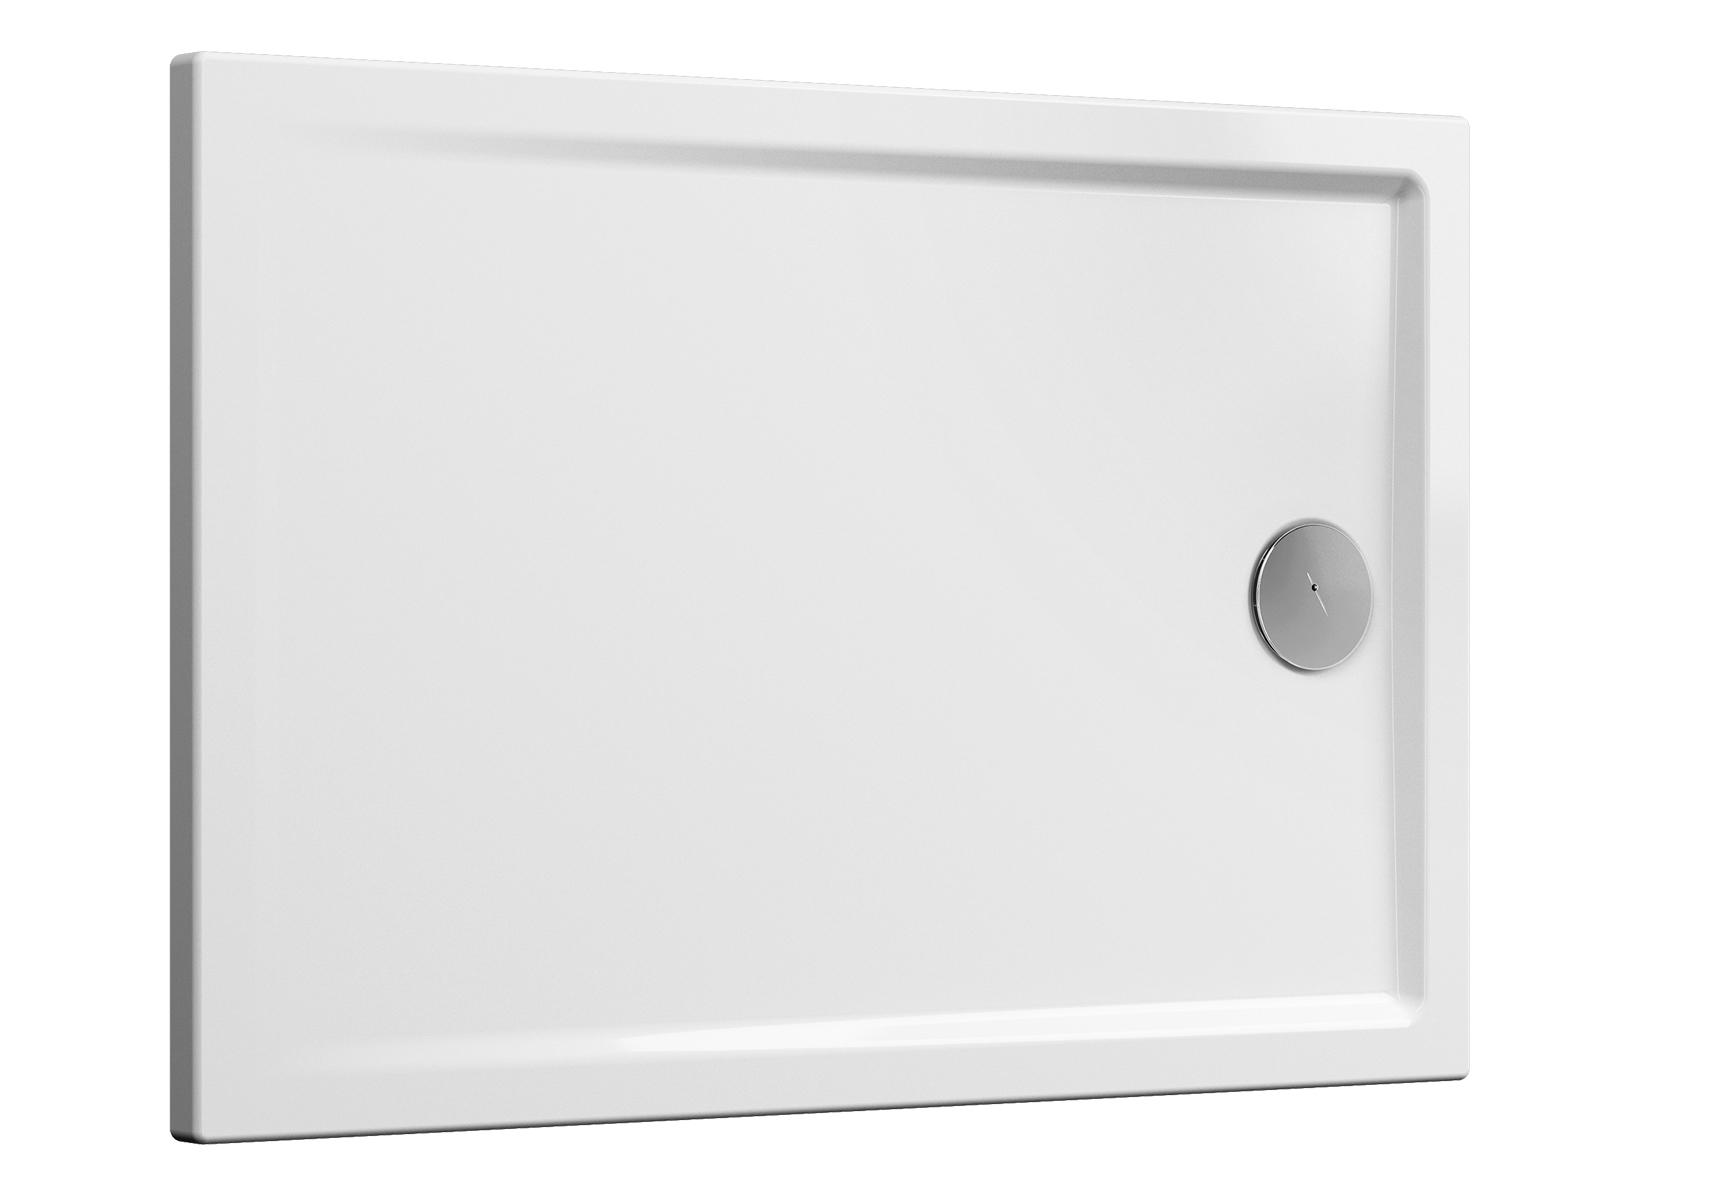 Cascade receveur ultra plat en céramique, 120  x  80 cm, blanc haute brillance